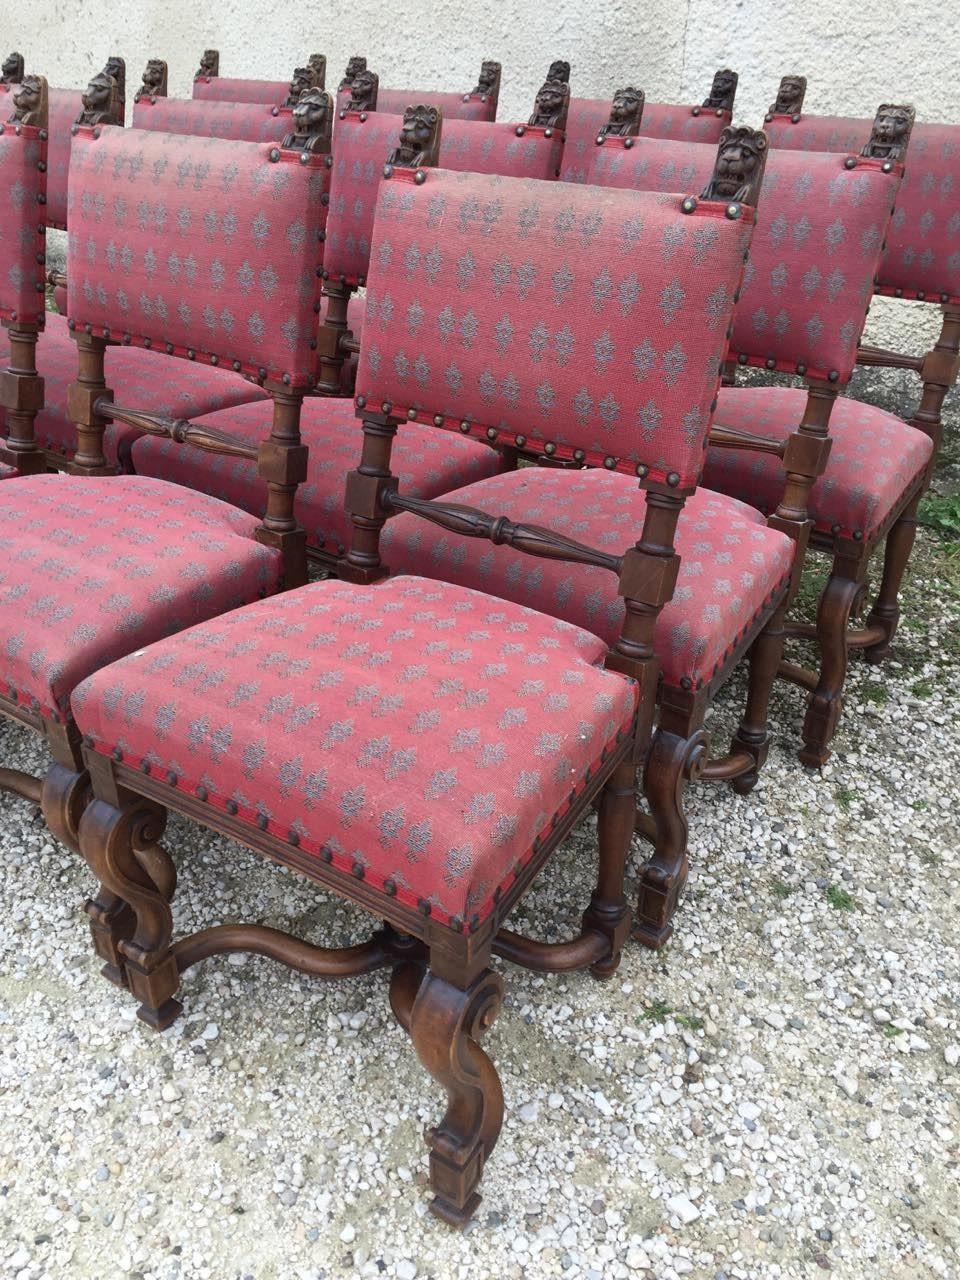 Антикварный набор из 12 стульев в стиле Ренесанс 151004066